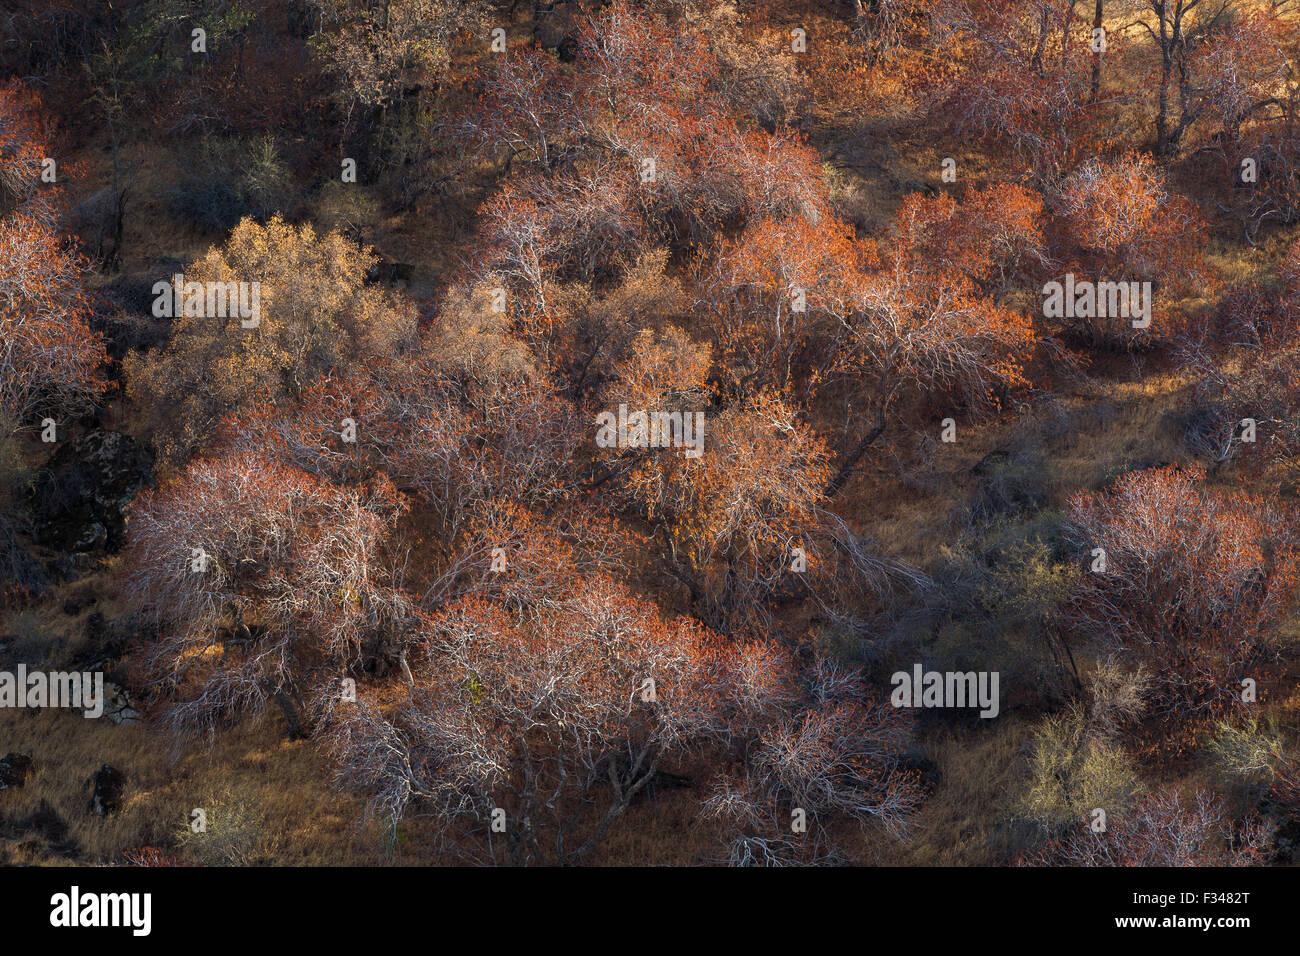 Arbres de Buckeye attraper la lumière de fin d'après-midi, Sequoia National Park, California, USA Photo Stock